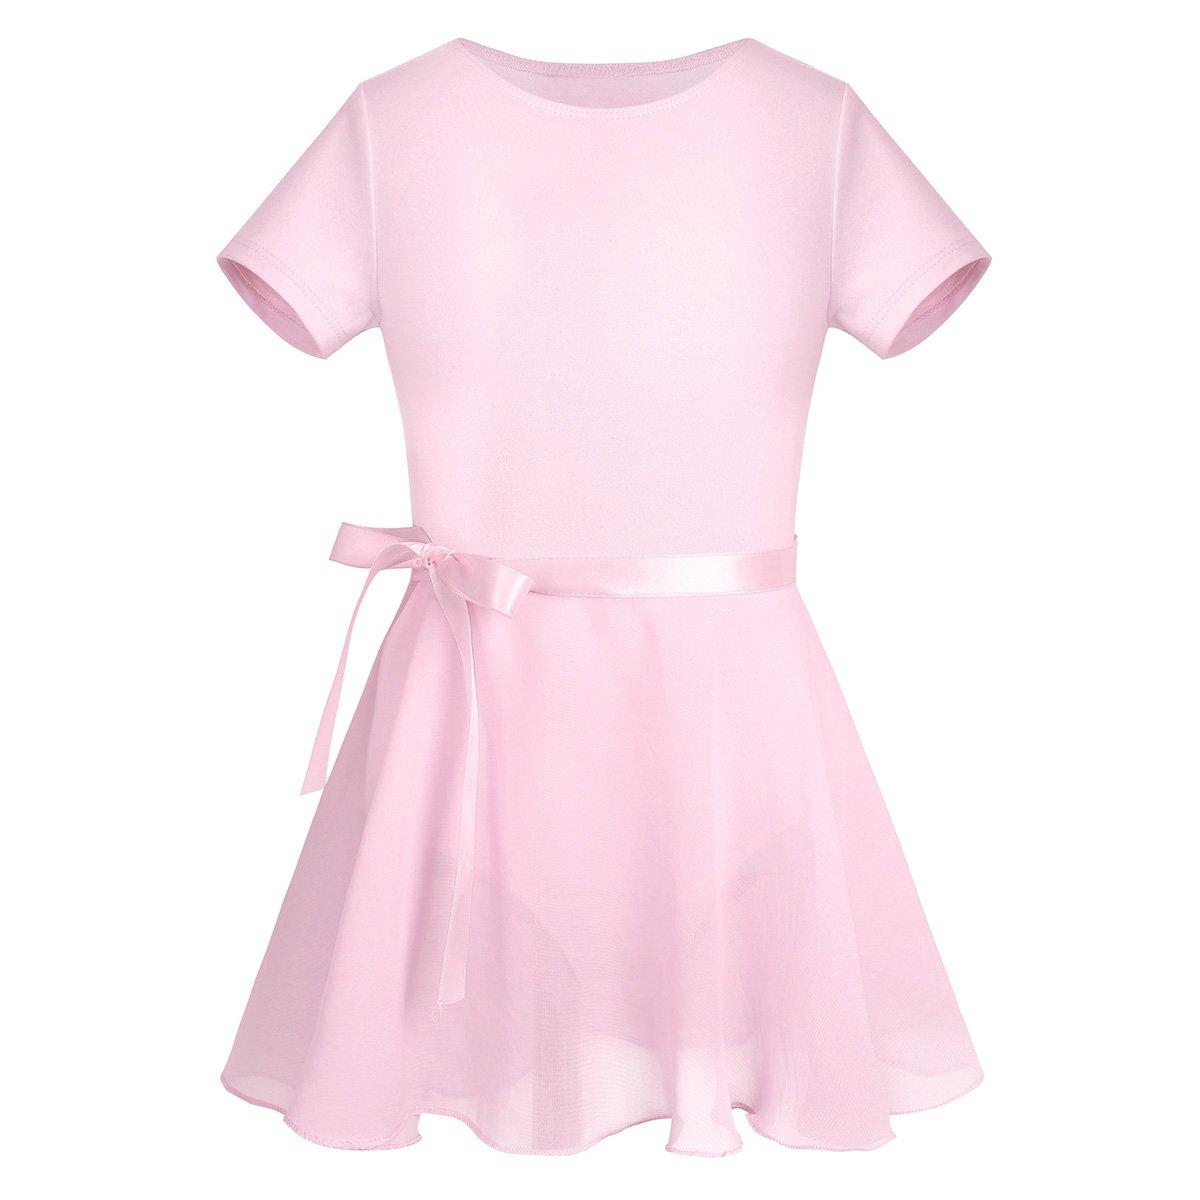 買得 Alvivi DRESS ガールズ Short B07DWY431N 3/ 4|Short Sleeves Sleeves Sleeves Pink Short Sleeves Pink 43528, 木製子供用家具直販ベビファニ:86281b8e --- advertdigitalmantra.com